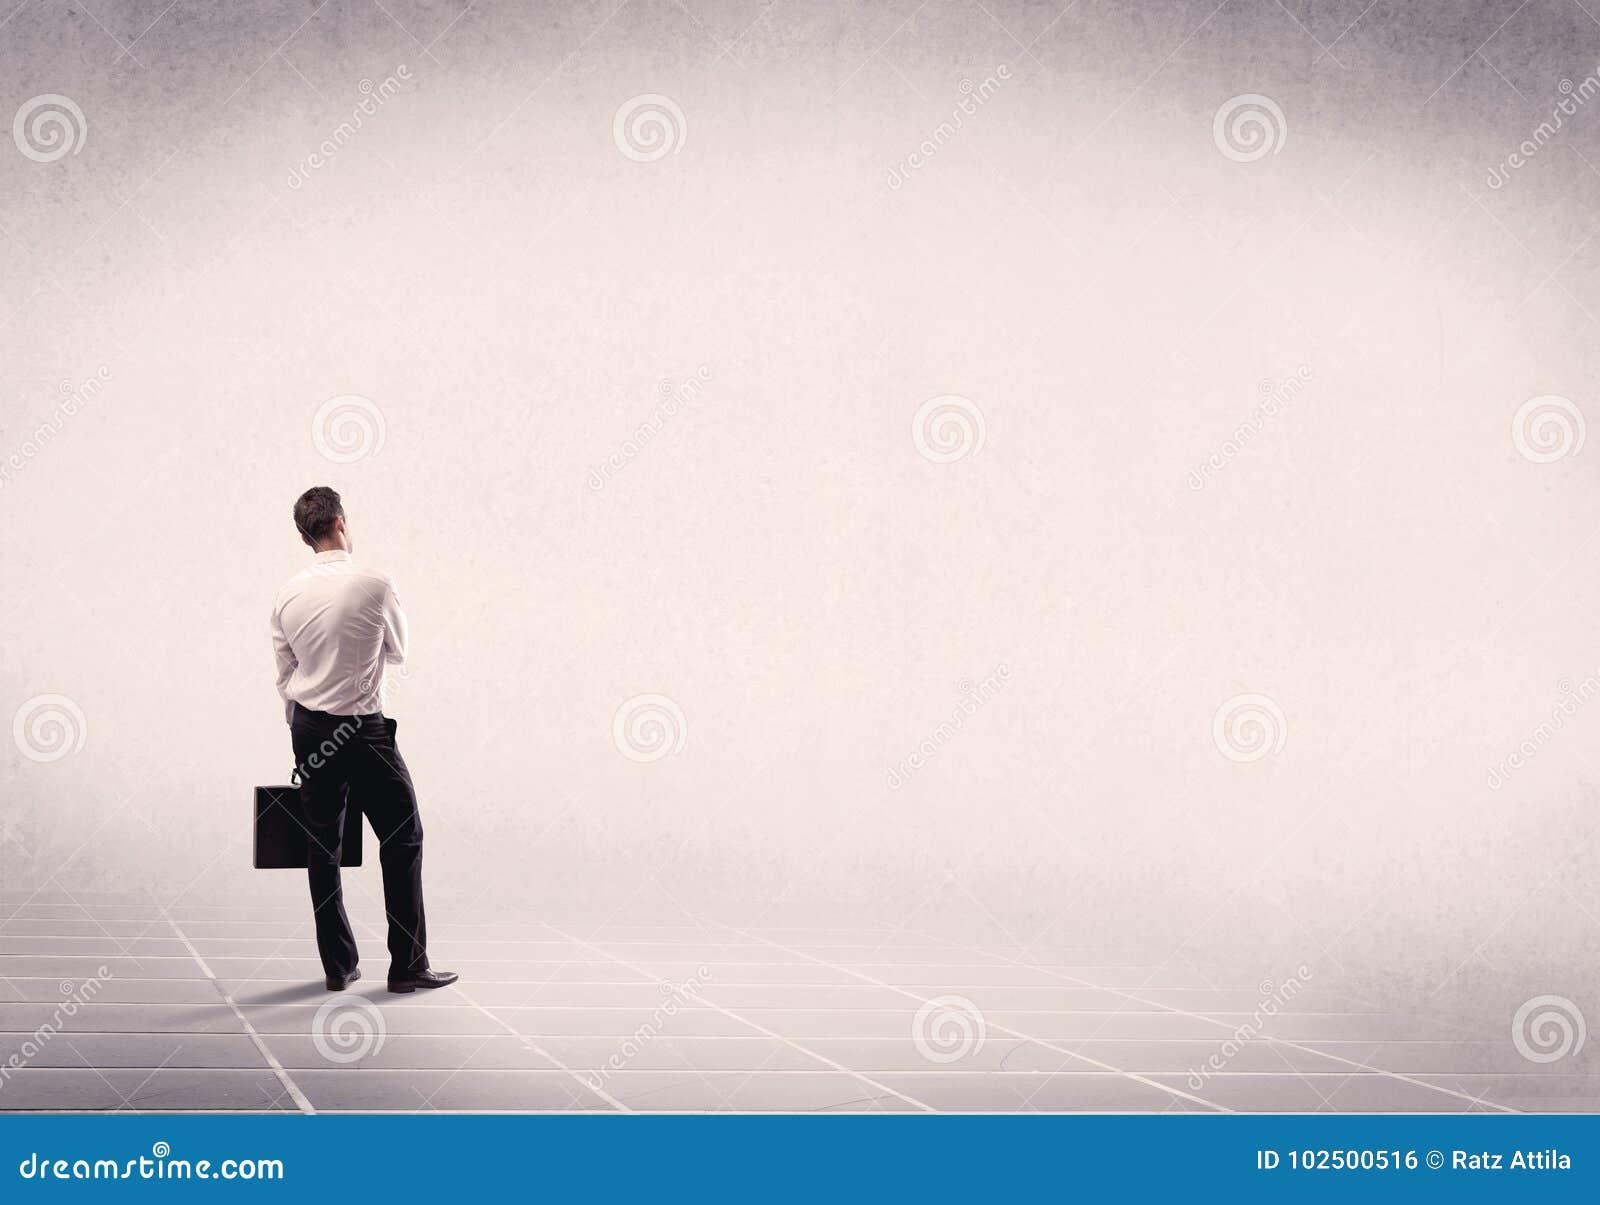 Geschäftsperson, die im leeren Raum steht